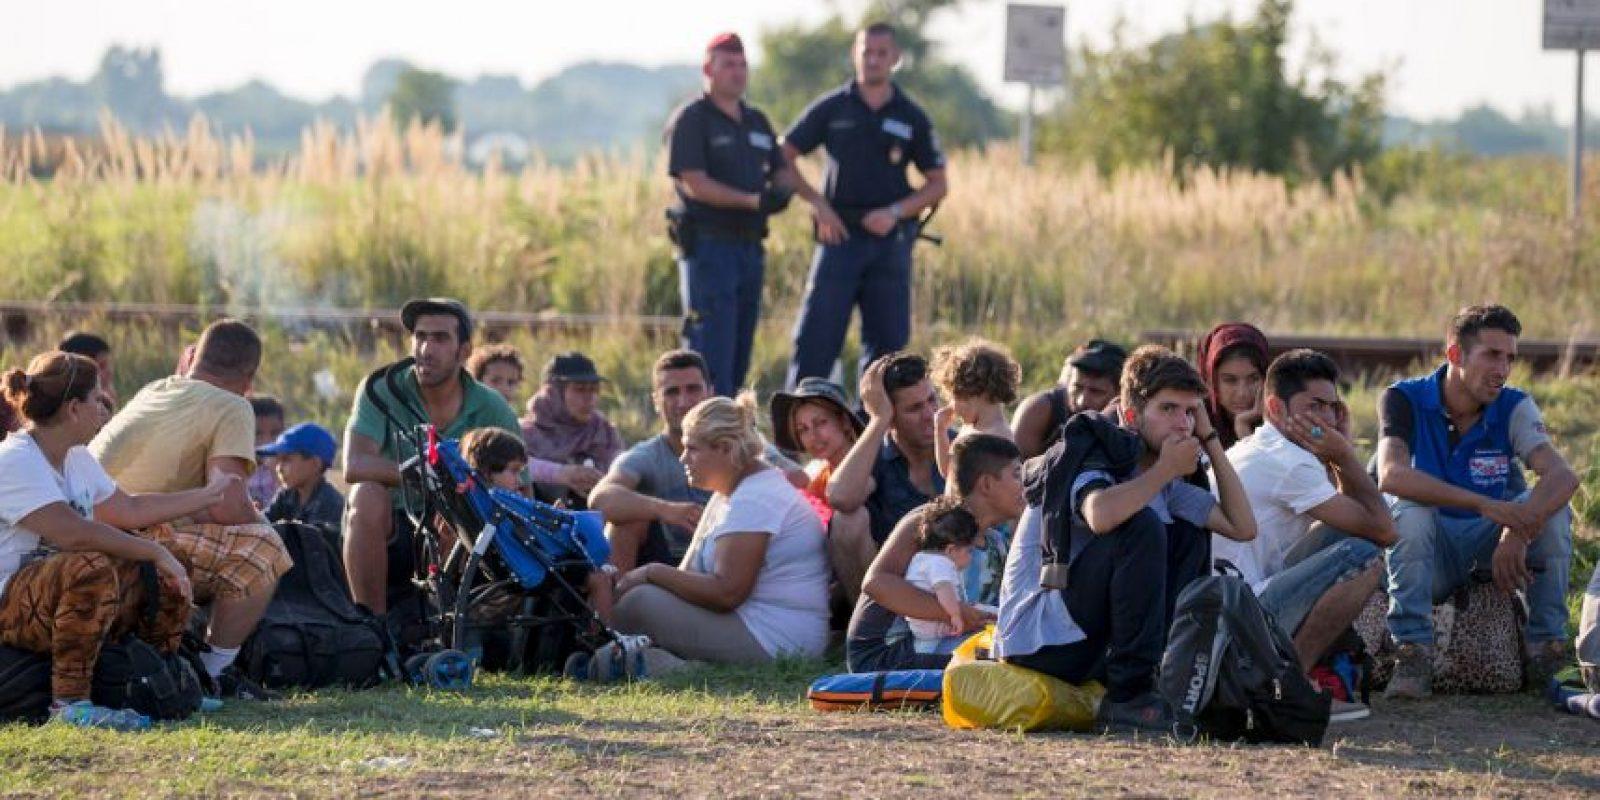 El junto a otros migrantes se encontraban en medio de la frontera entre Macedonia y Grecia. Foto:Getty Images